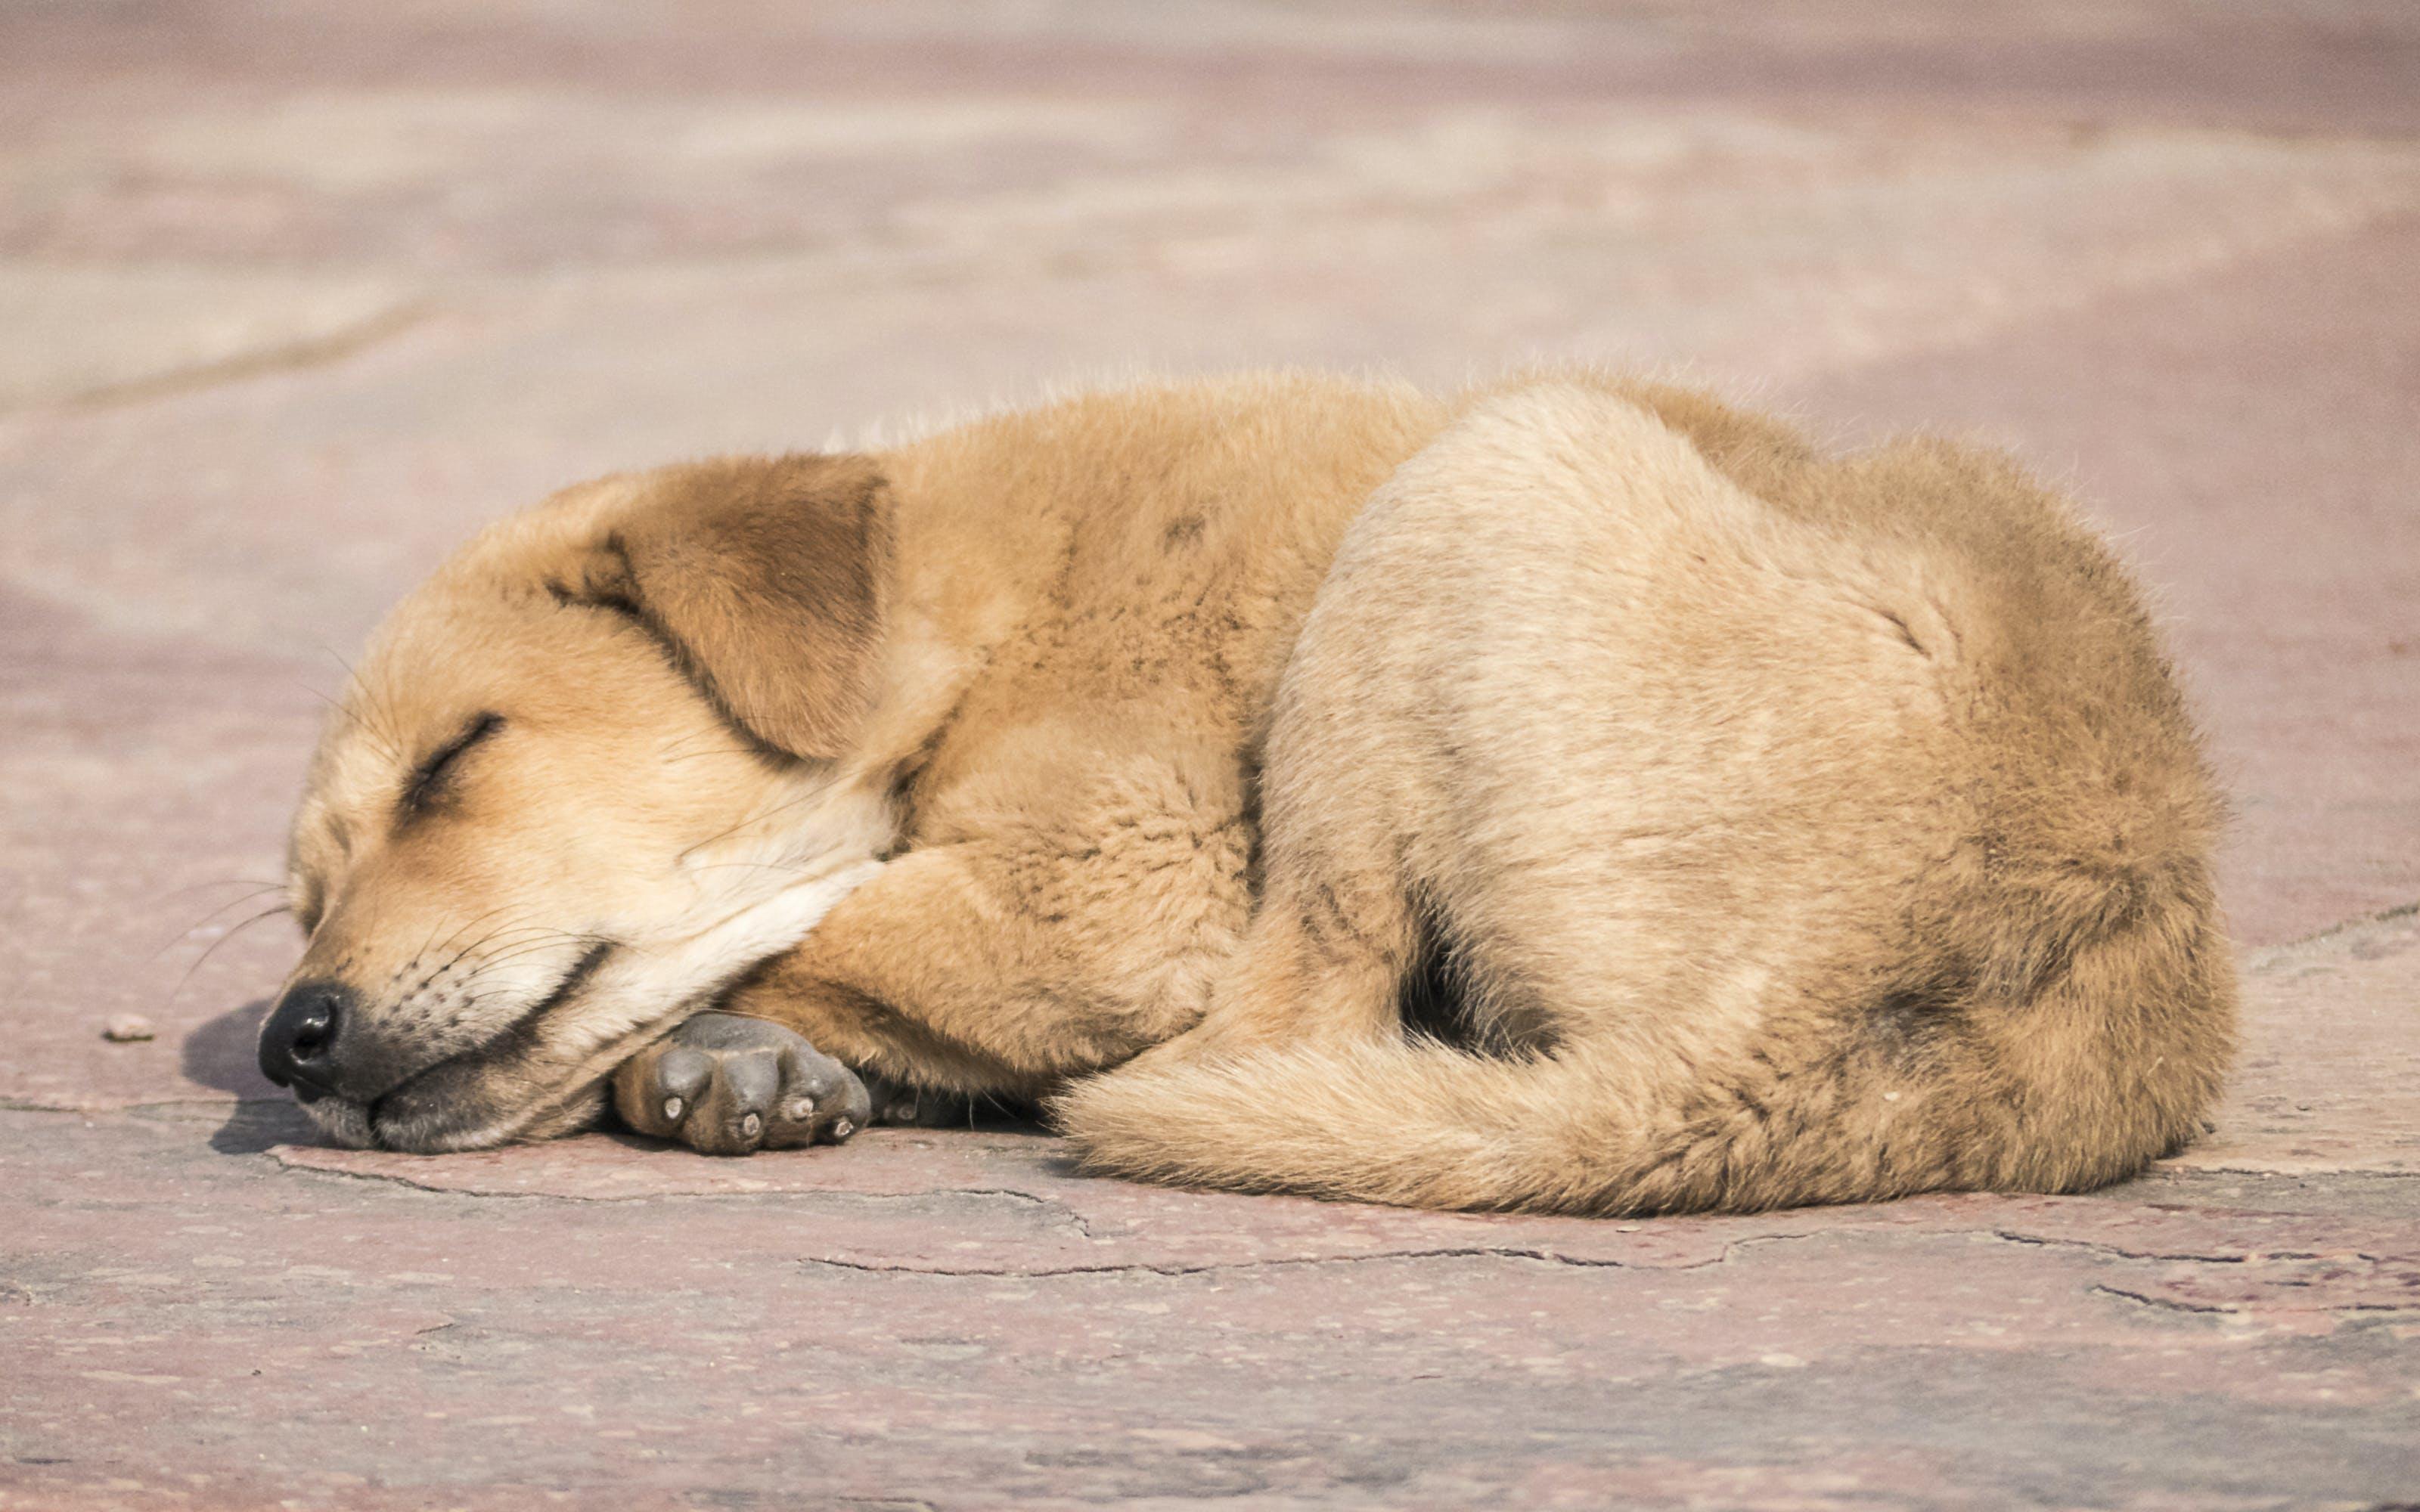 Gratis lagerfoto af sovende hund